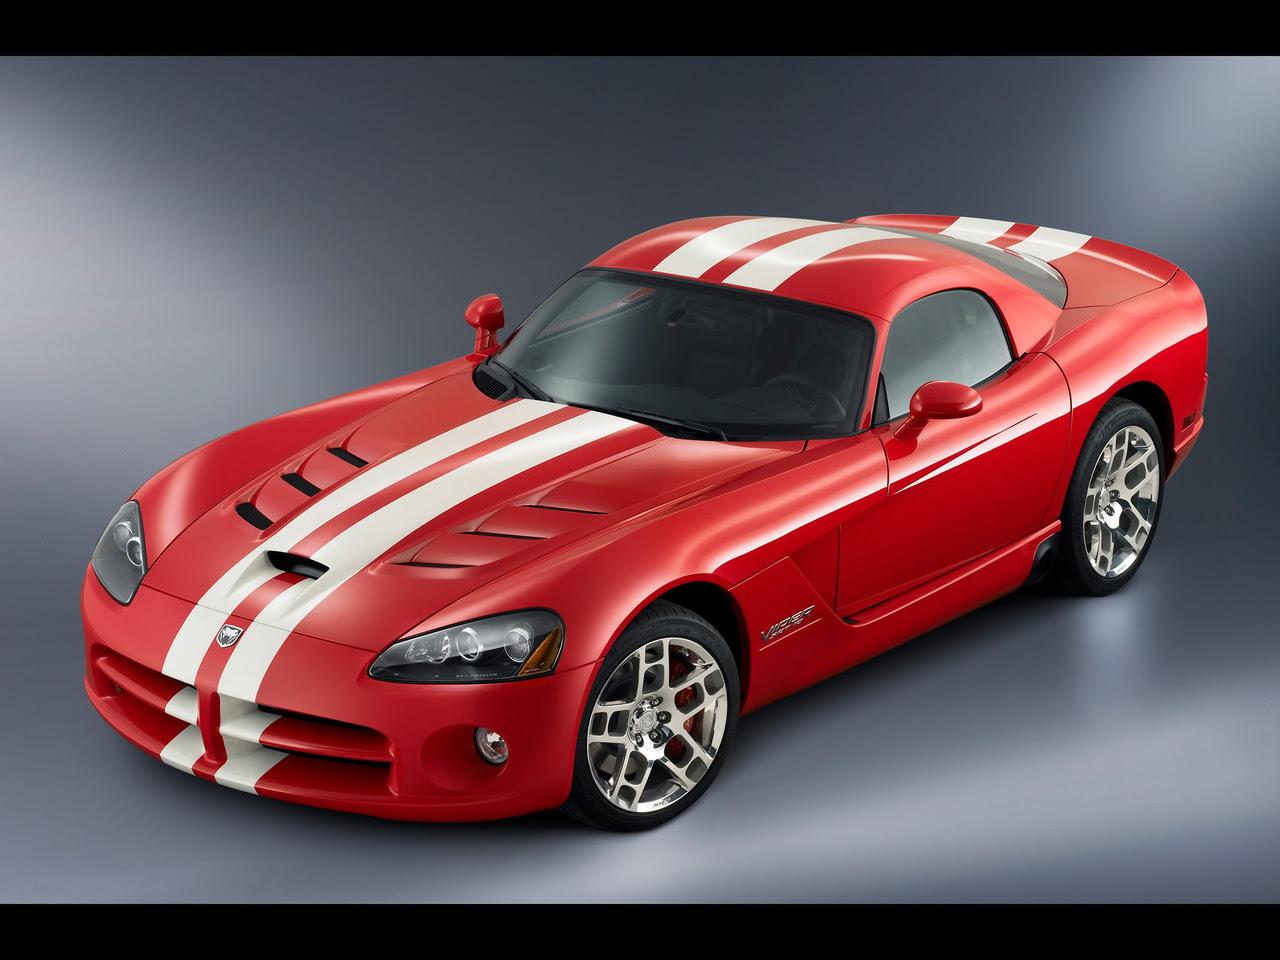 2009 Dodge Viper SRT10 photos